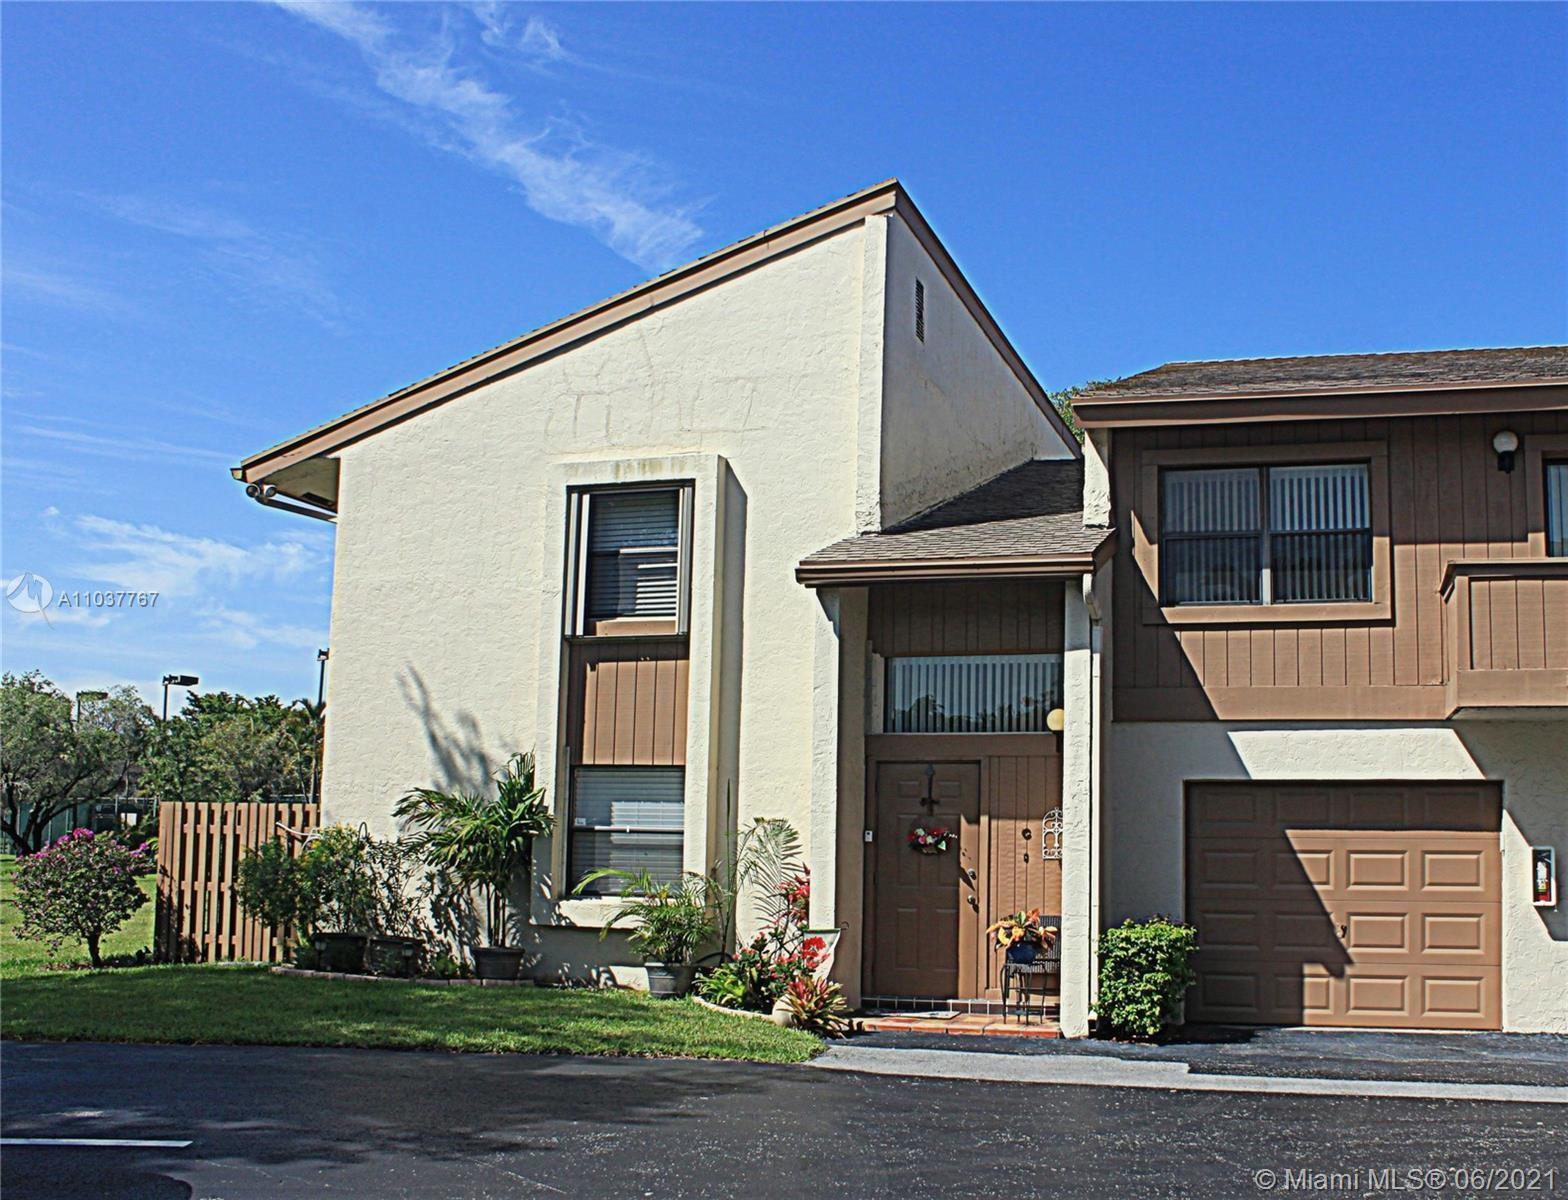 10925 SW 113th Pl #72C, Miami, FL 33176 - #: A11037767